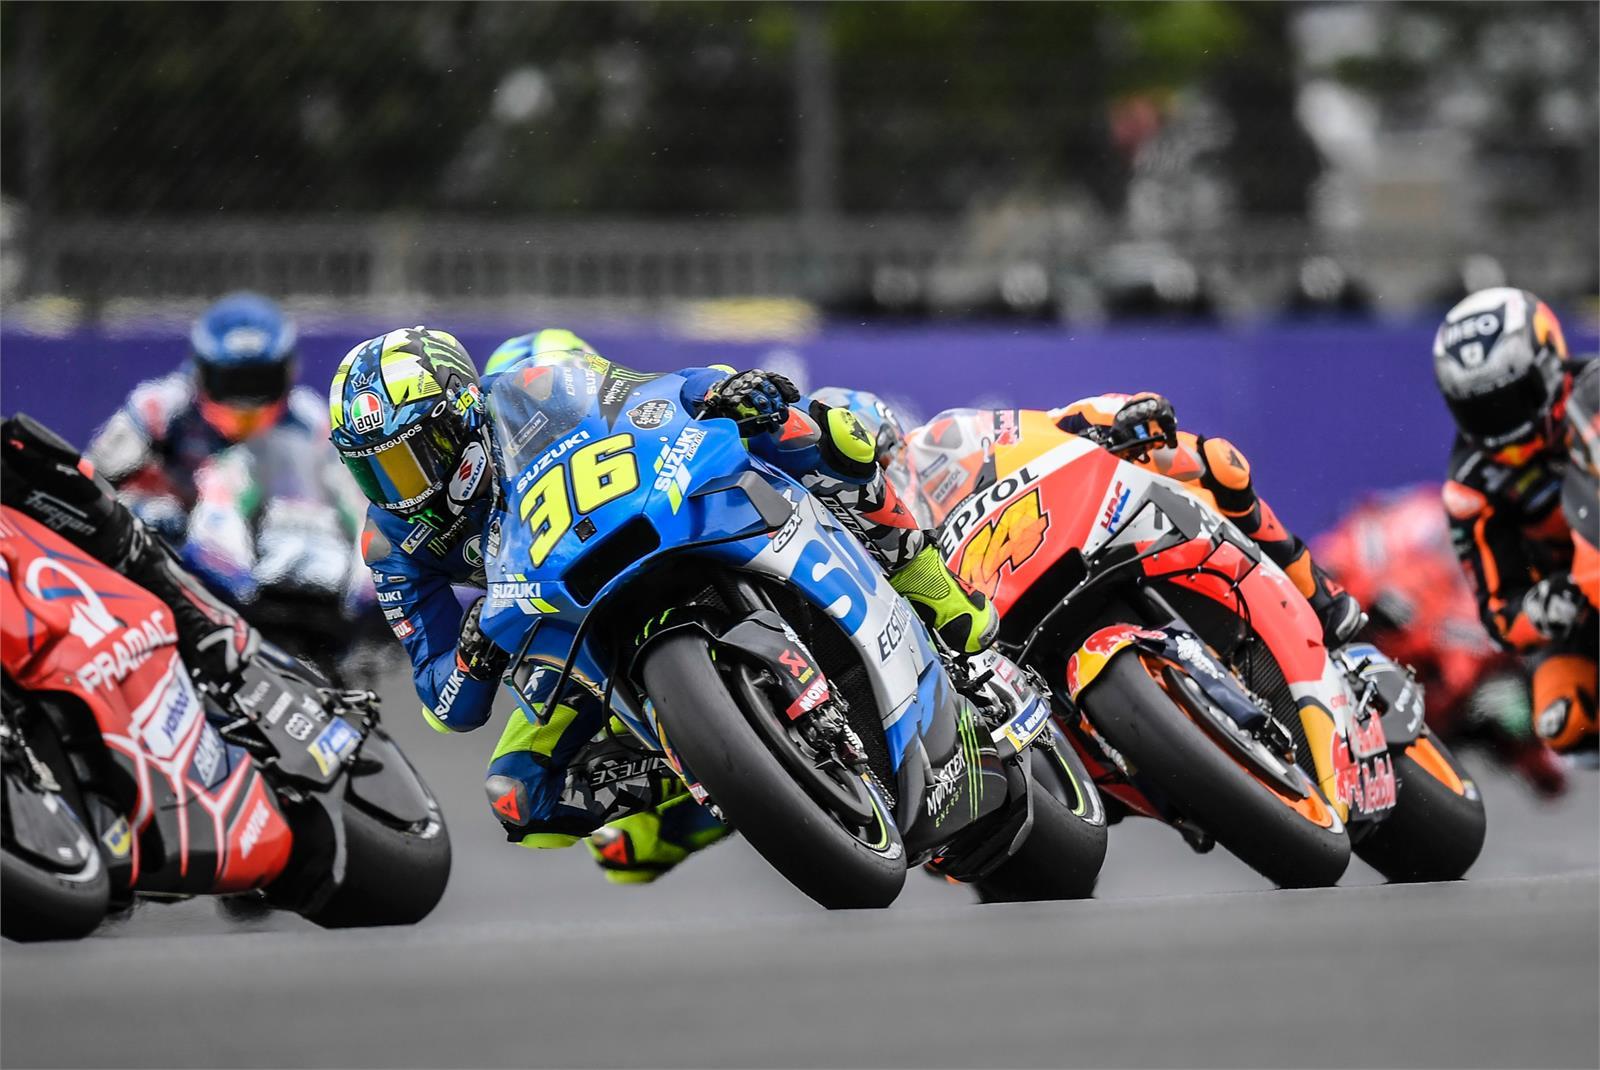 MotoGP2021フランスGP DNFジョアン・ミル「こんなミスを繰り返してはいけない」